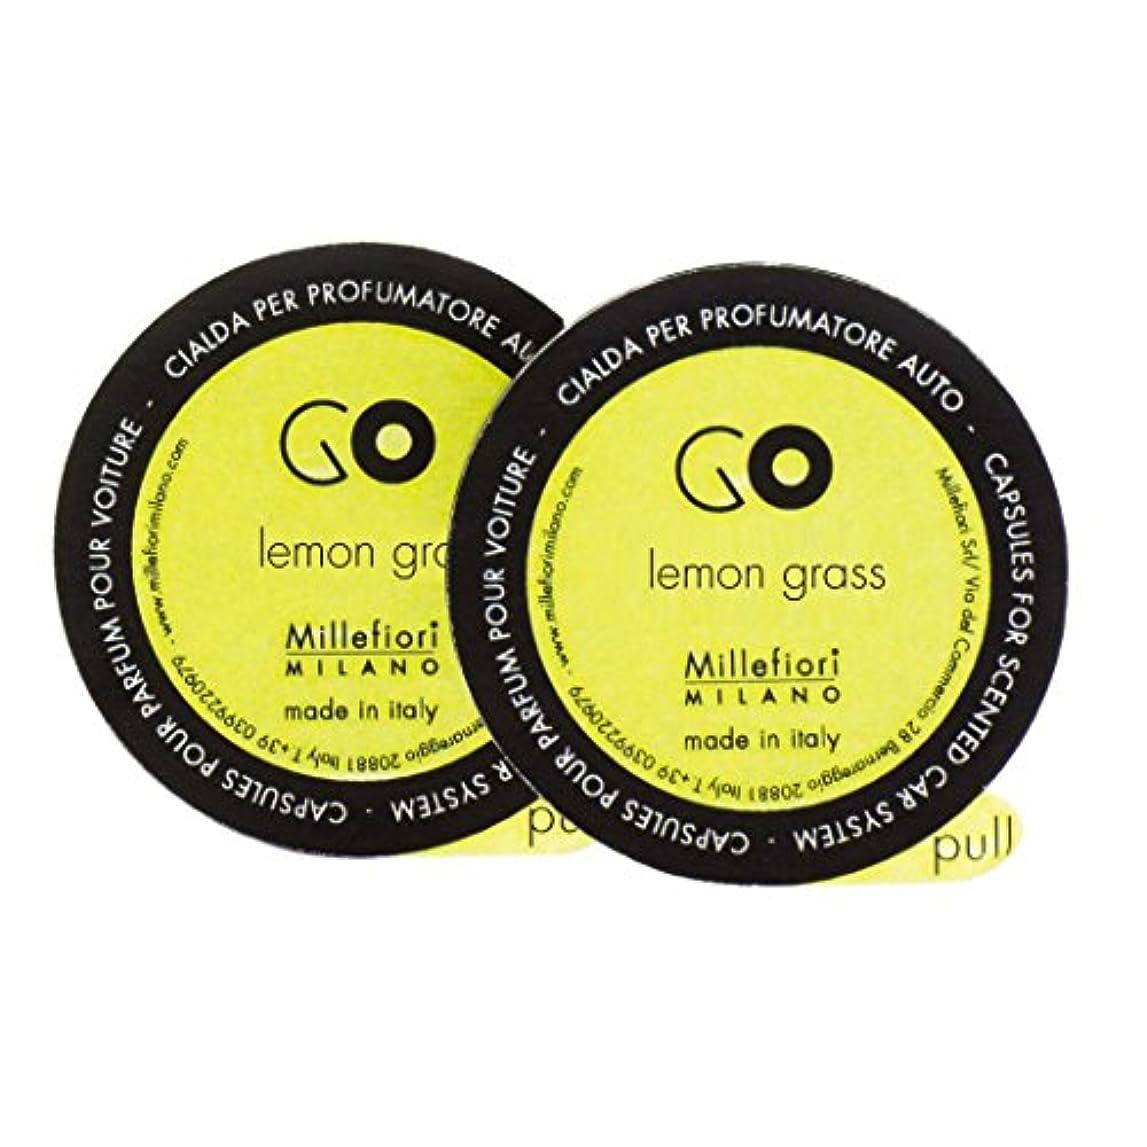 実験室コーヒー昇るMillefiori カーエアフレッシュナーレフィル[GO] レモングラス